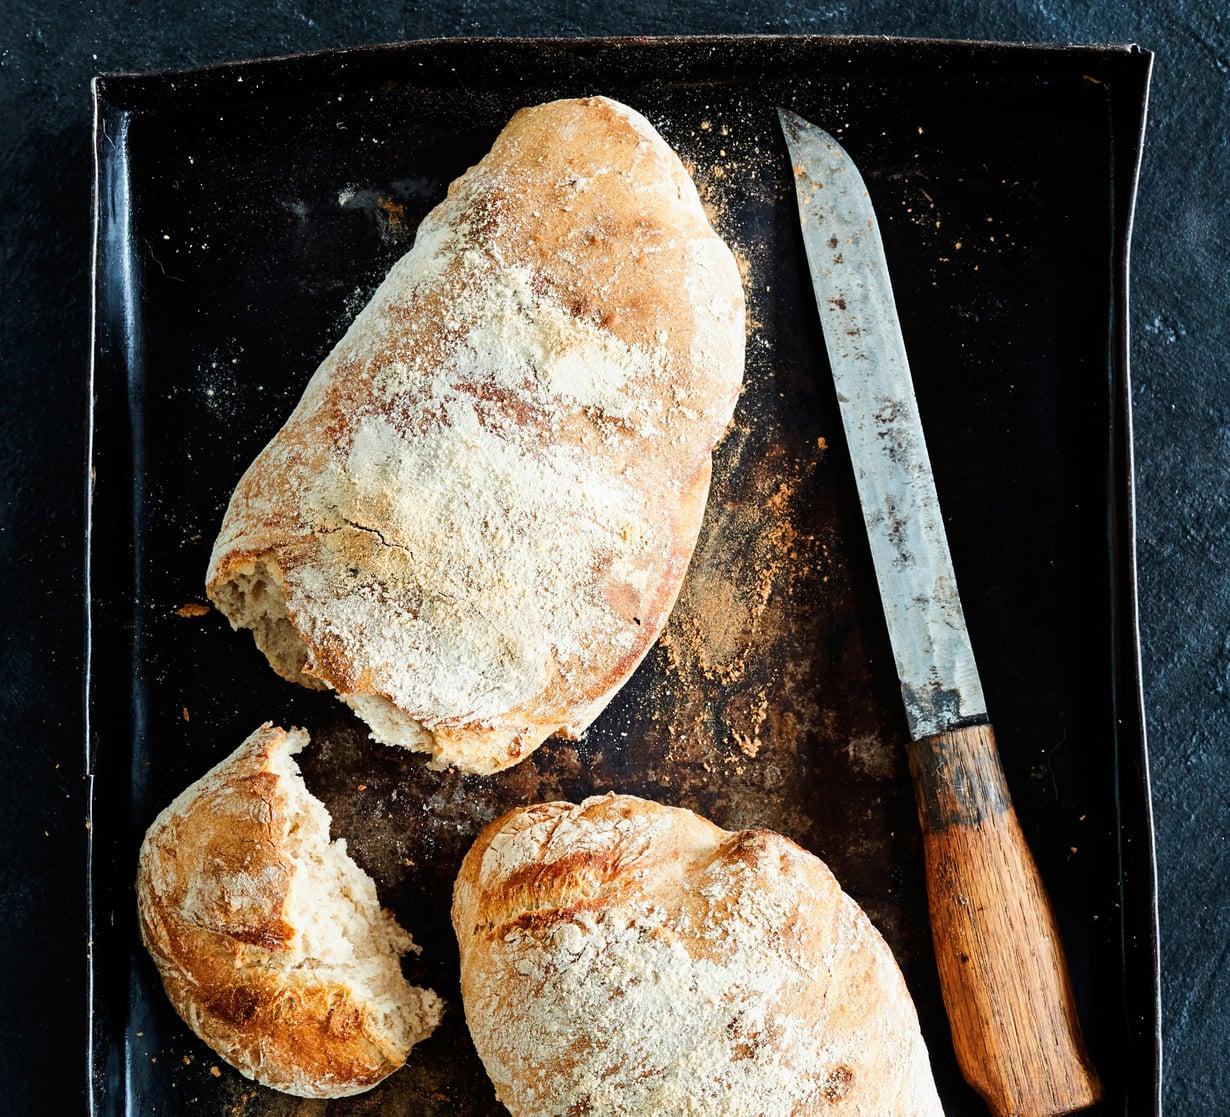 Perinteinen ranskalainen levain leivotaan vaaleasta juuresta eli vehnäjauhoista. Juuren eli villihiivojen ansiosta maku on hapan.